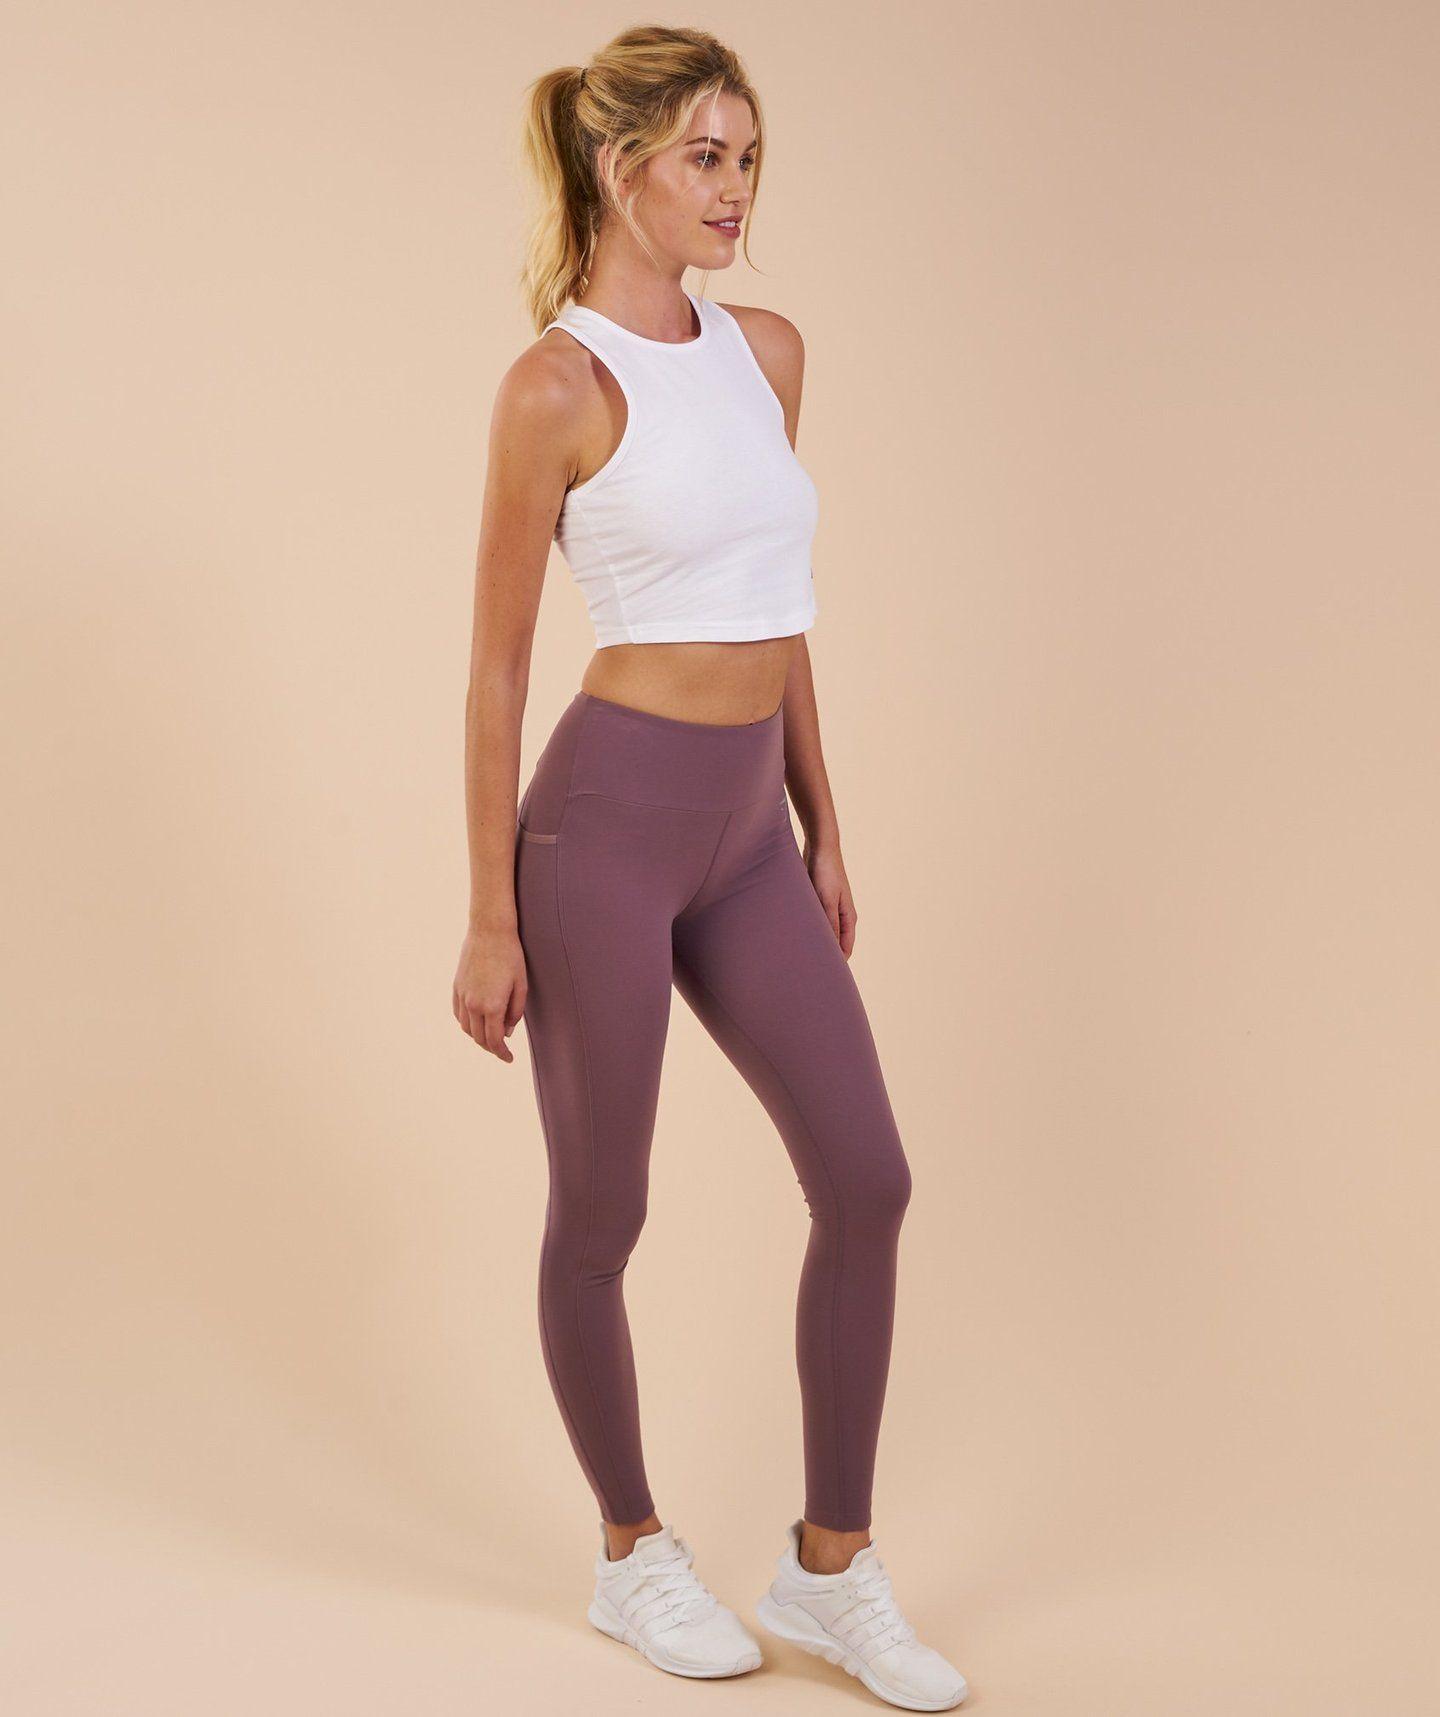 0e20b3455a3ea Gymshark Aspire Leggings - Purple Wash 3